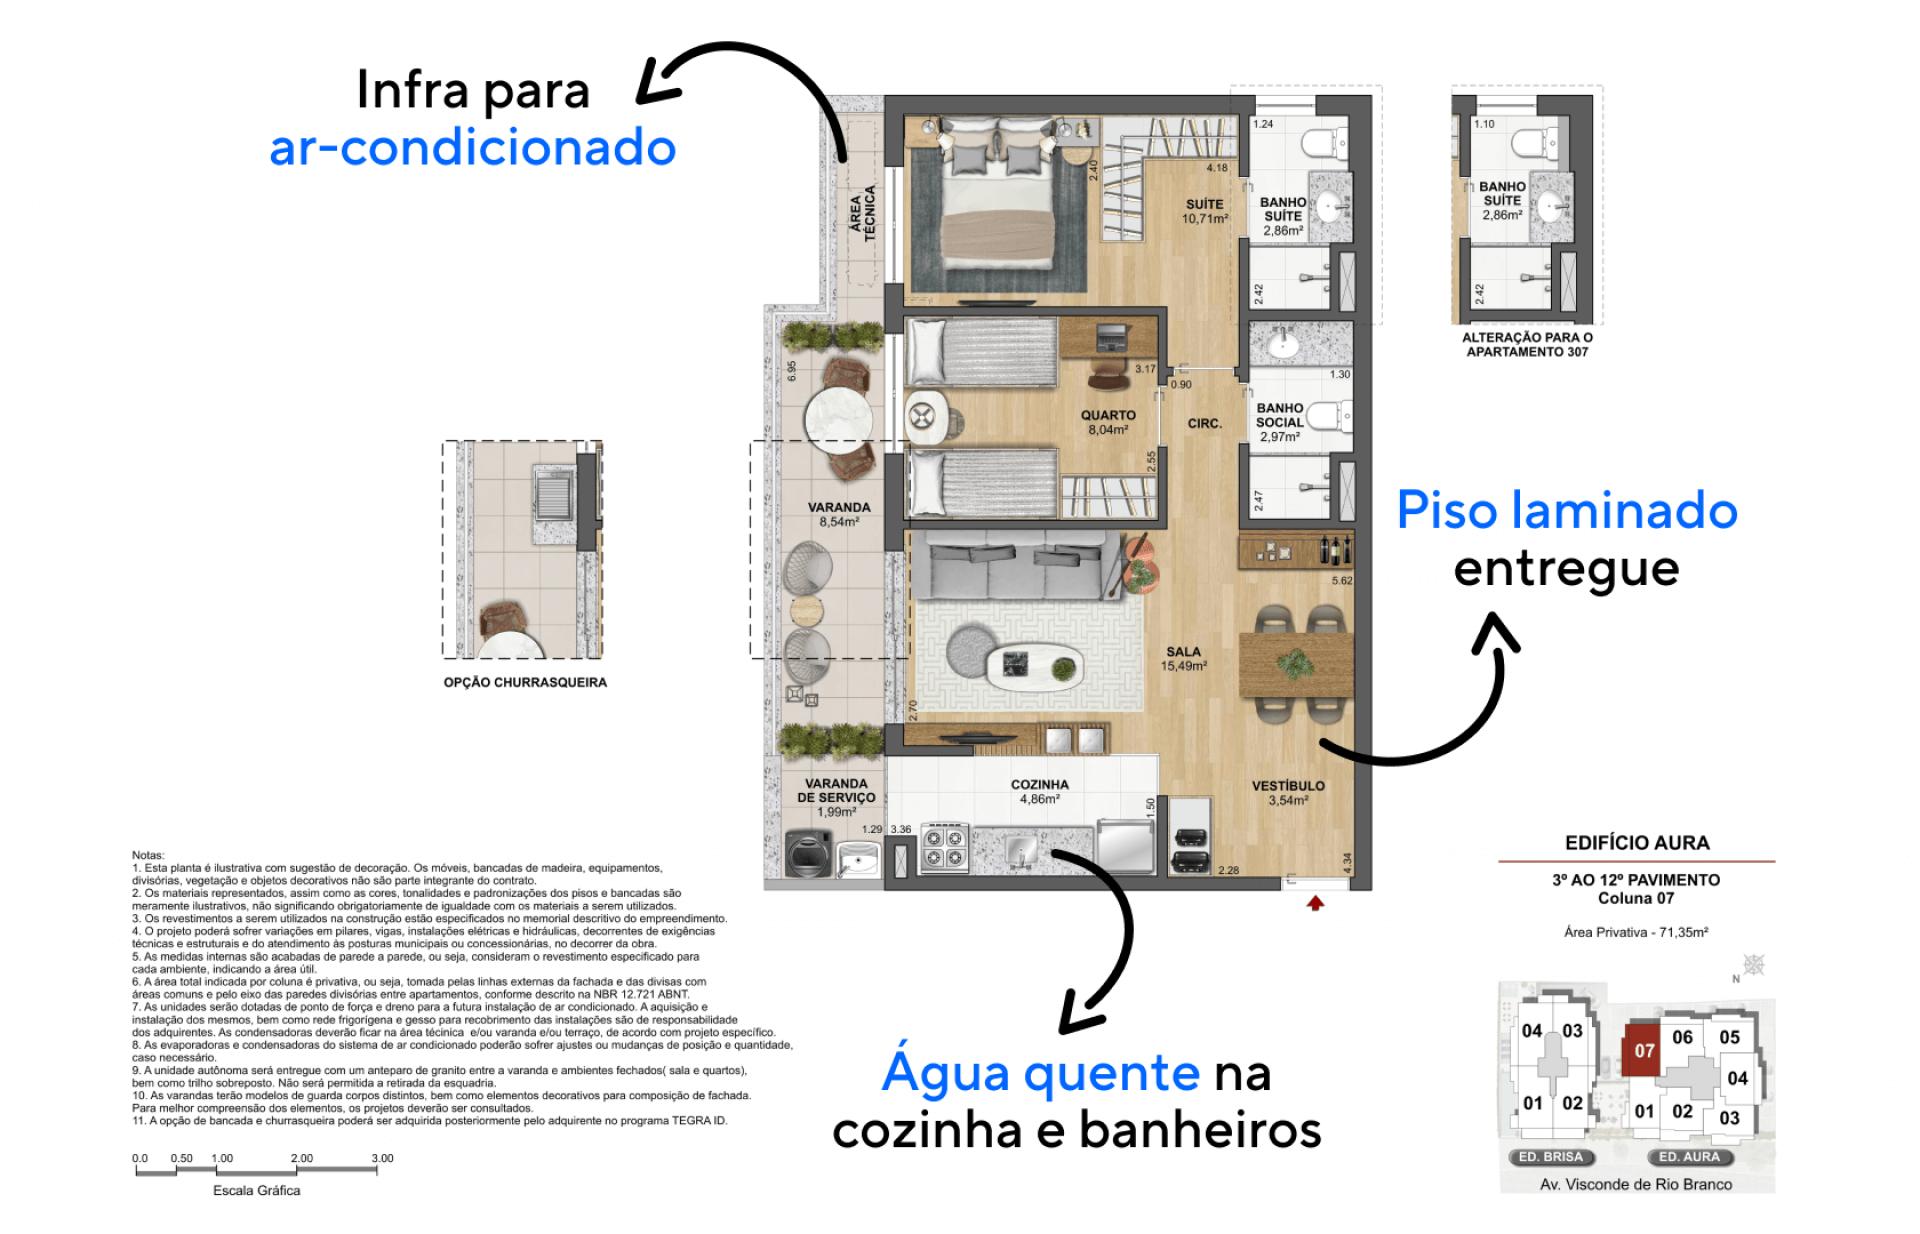 71 M² - 2 DORMITÓRIOS, SENDO 1 SUÍTE. Apartamentos entregues com piso laminado na área social e dormitórios, proporcionando espaços aconchegantes para viver confortavelmente.